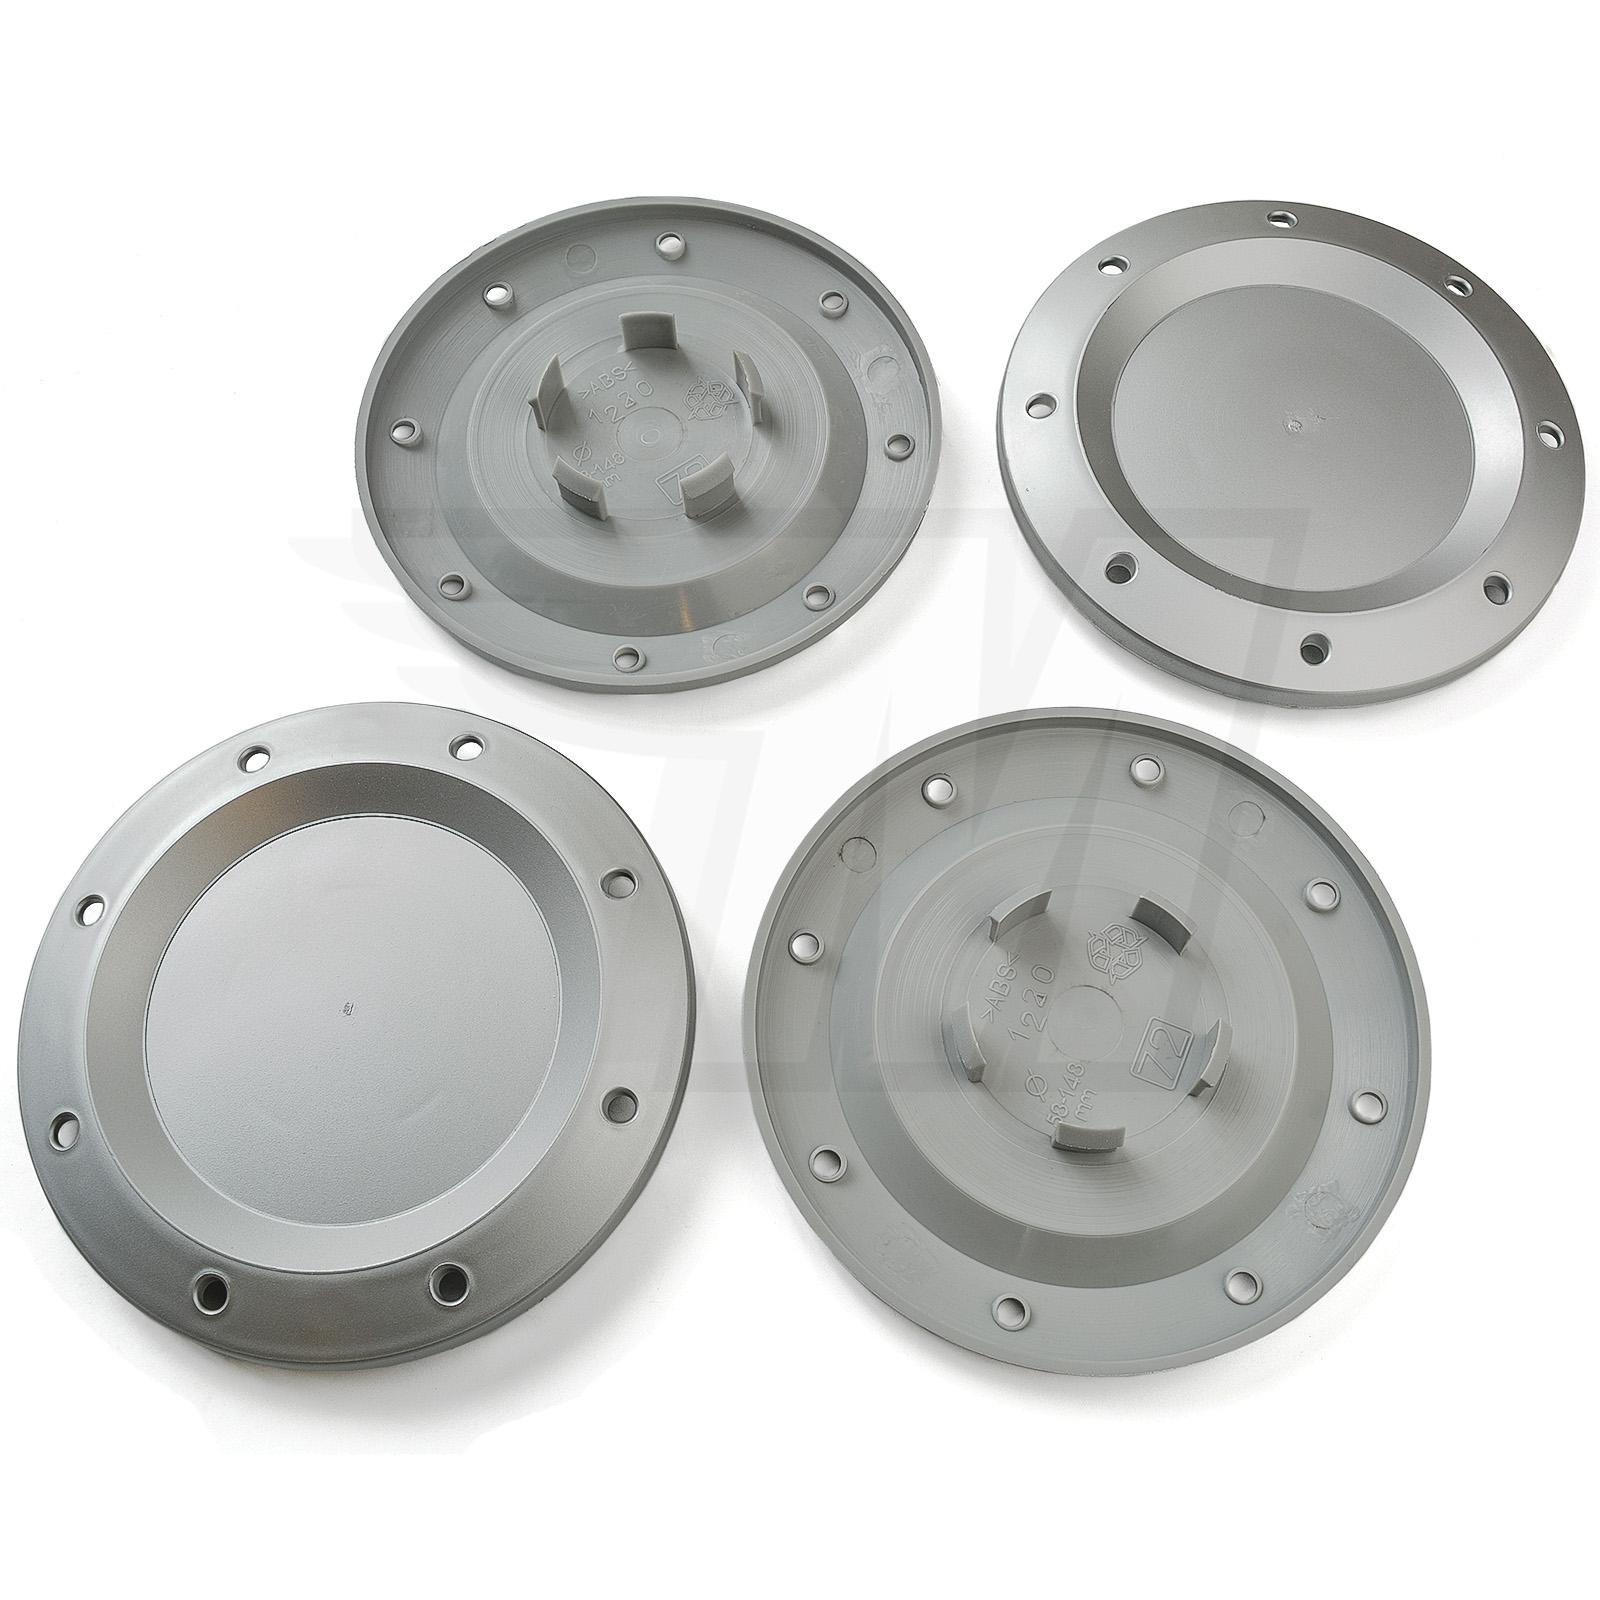 148 mm 4 coprimozzo per Cerchioni MYBA-S 58 mm